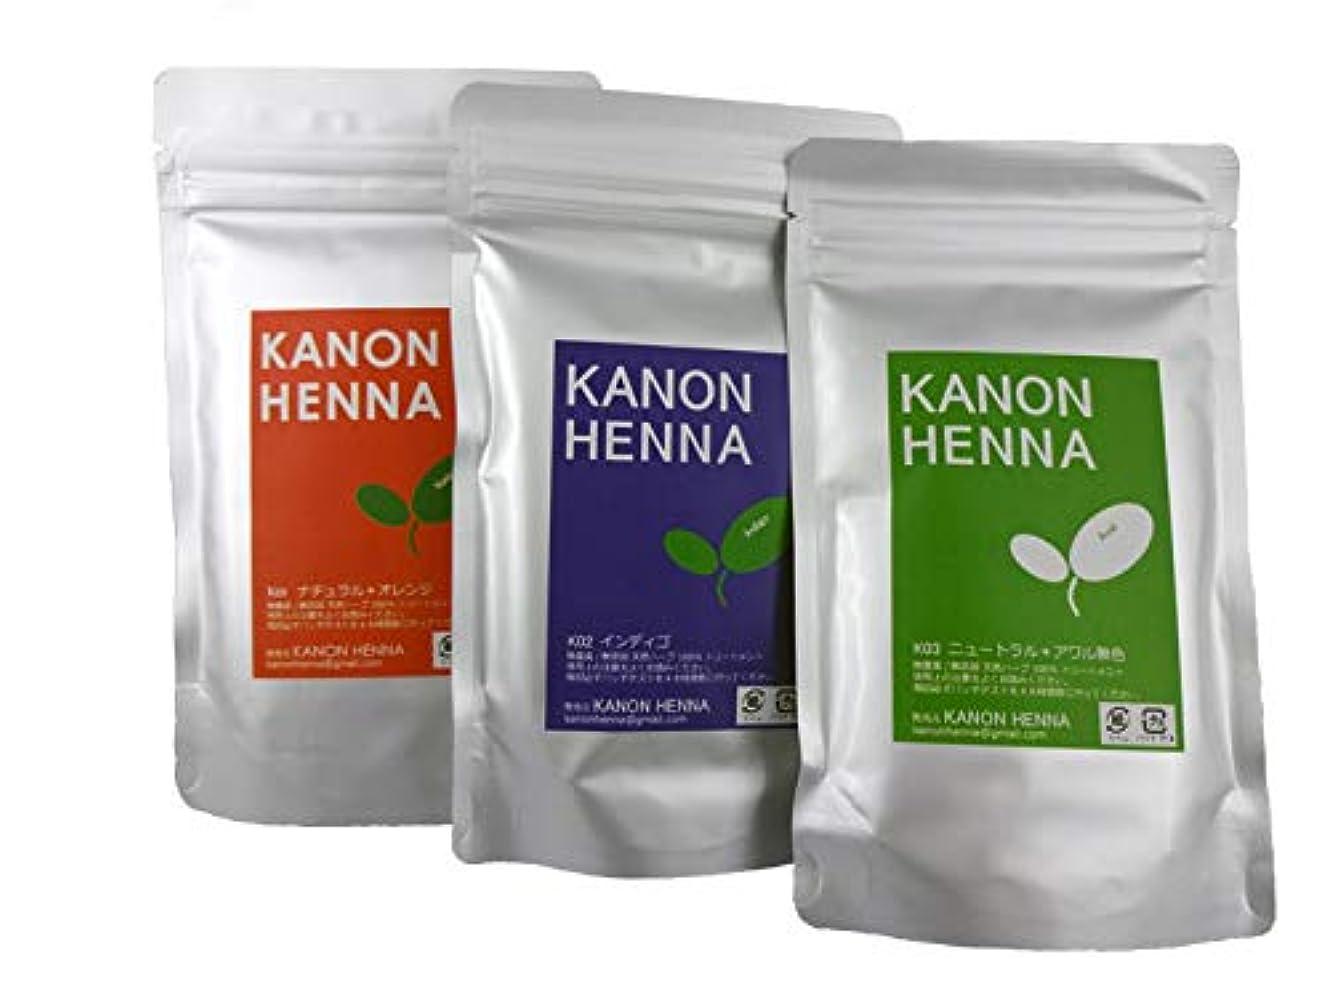 思われるパドルうぬぼれたヘナ カノンヘナ 天然ハーブ 無農薬無添加 ケミカルゼロ ヘアトリートメント 毛染め 染毛 白髪 3点セット henna-set